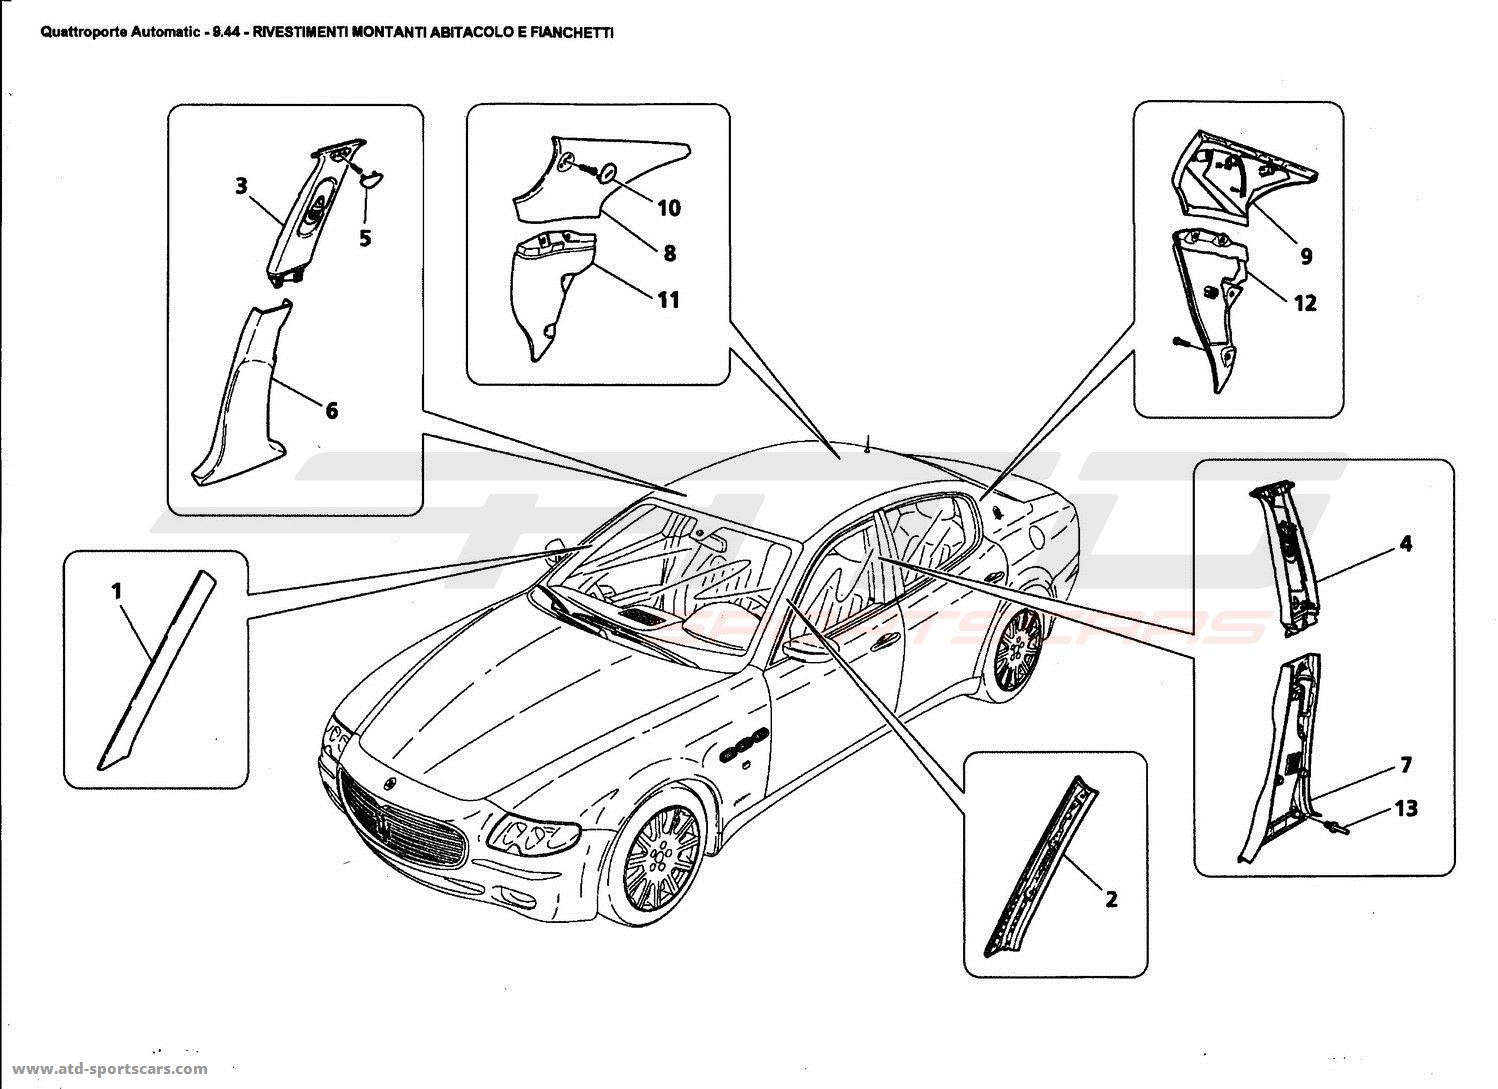 Wiring Diagram Audi A4 Quattro